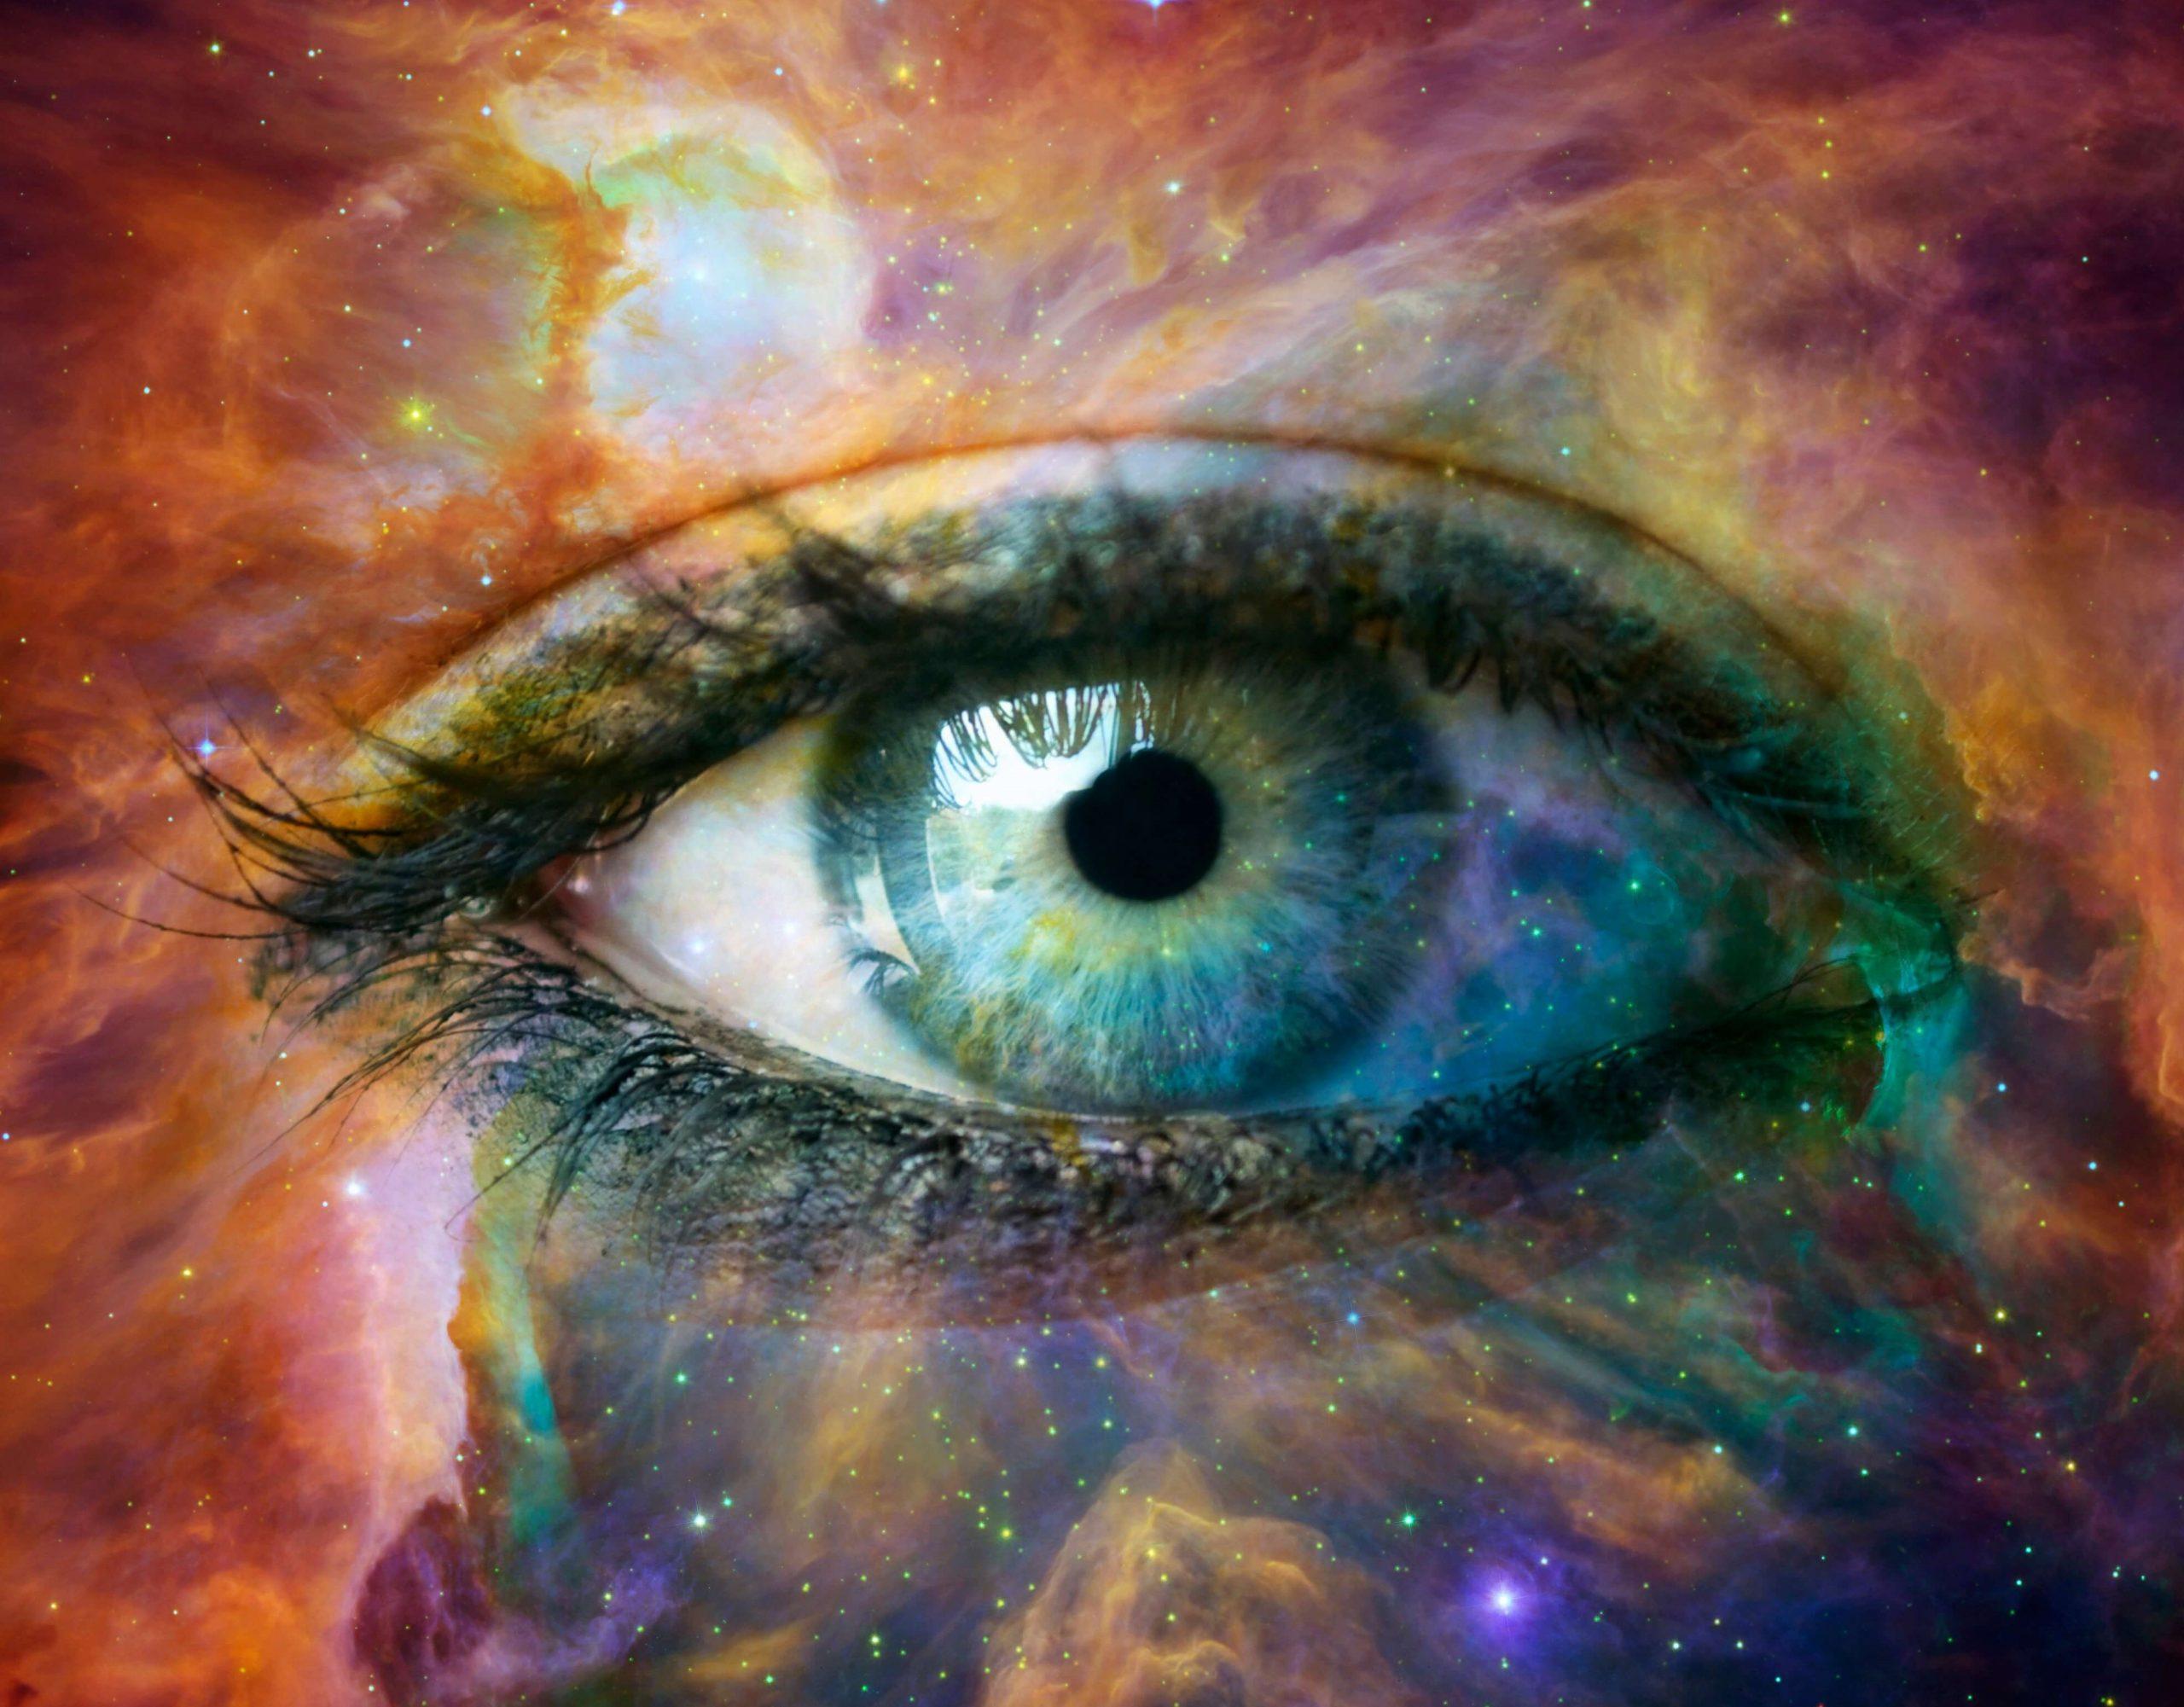 Realidad vs ilusión: Sólo el Despertar de Nuestra Luz interior nos permitirá distinguirlas.